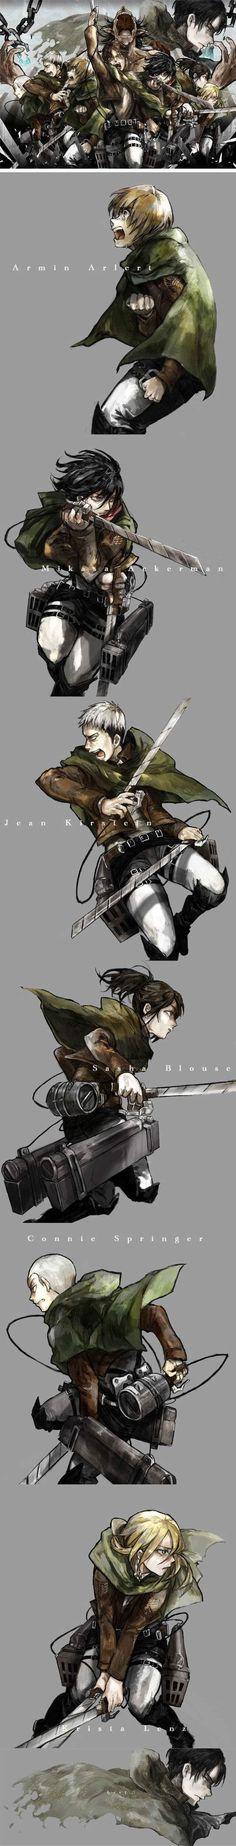 Shippo a mikasa e o Jean ♡♡